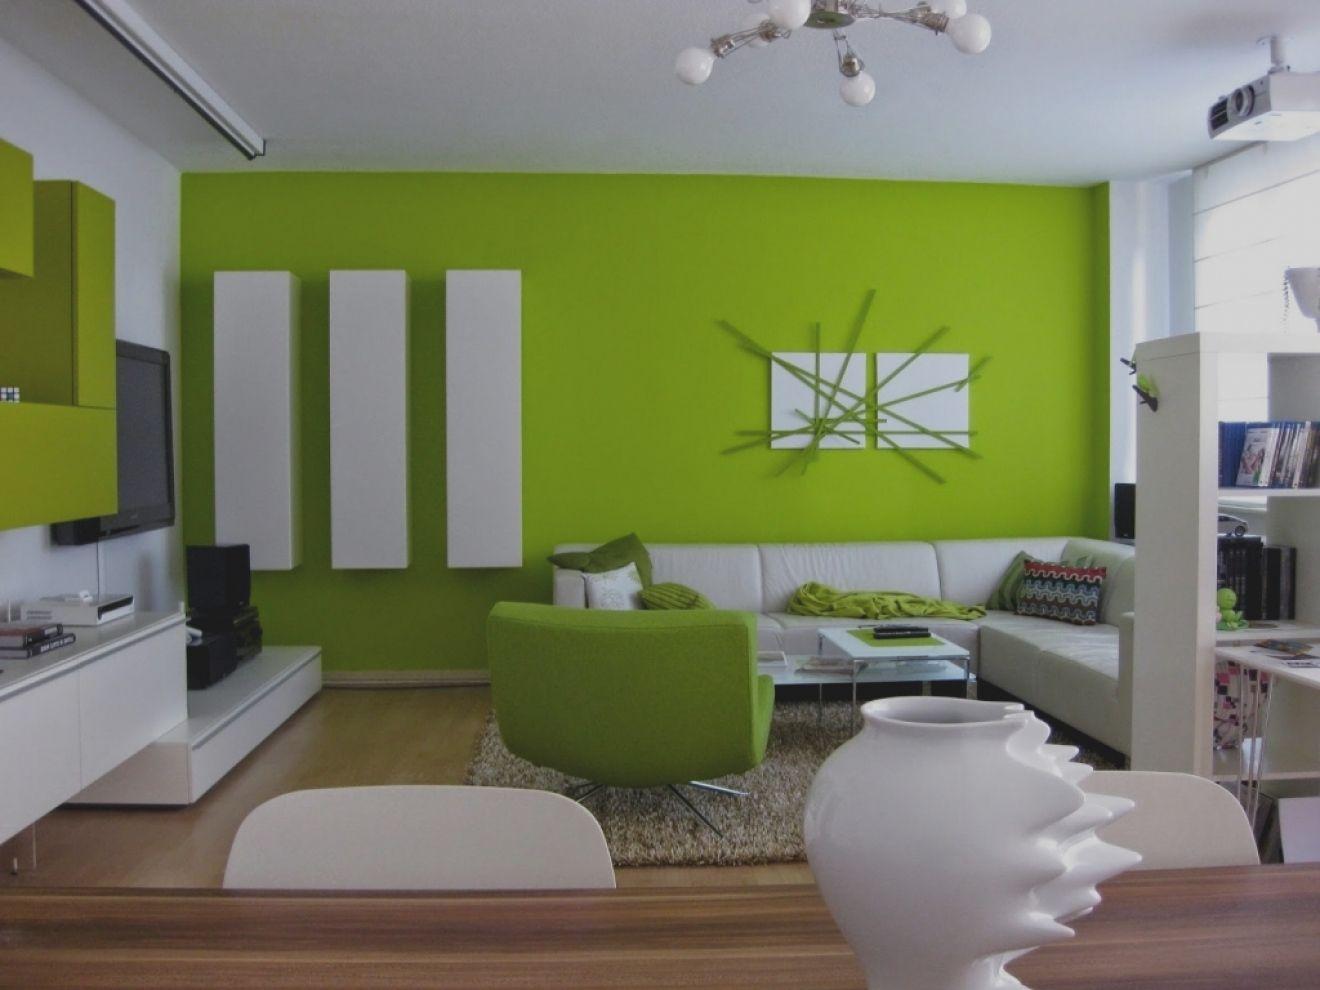 dekoration wohnzimmer grün | Wohnzimmer-grün, Dekoration wohnzimmer ...